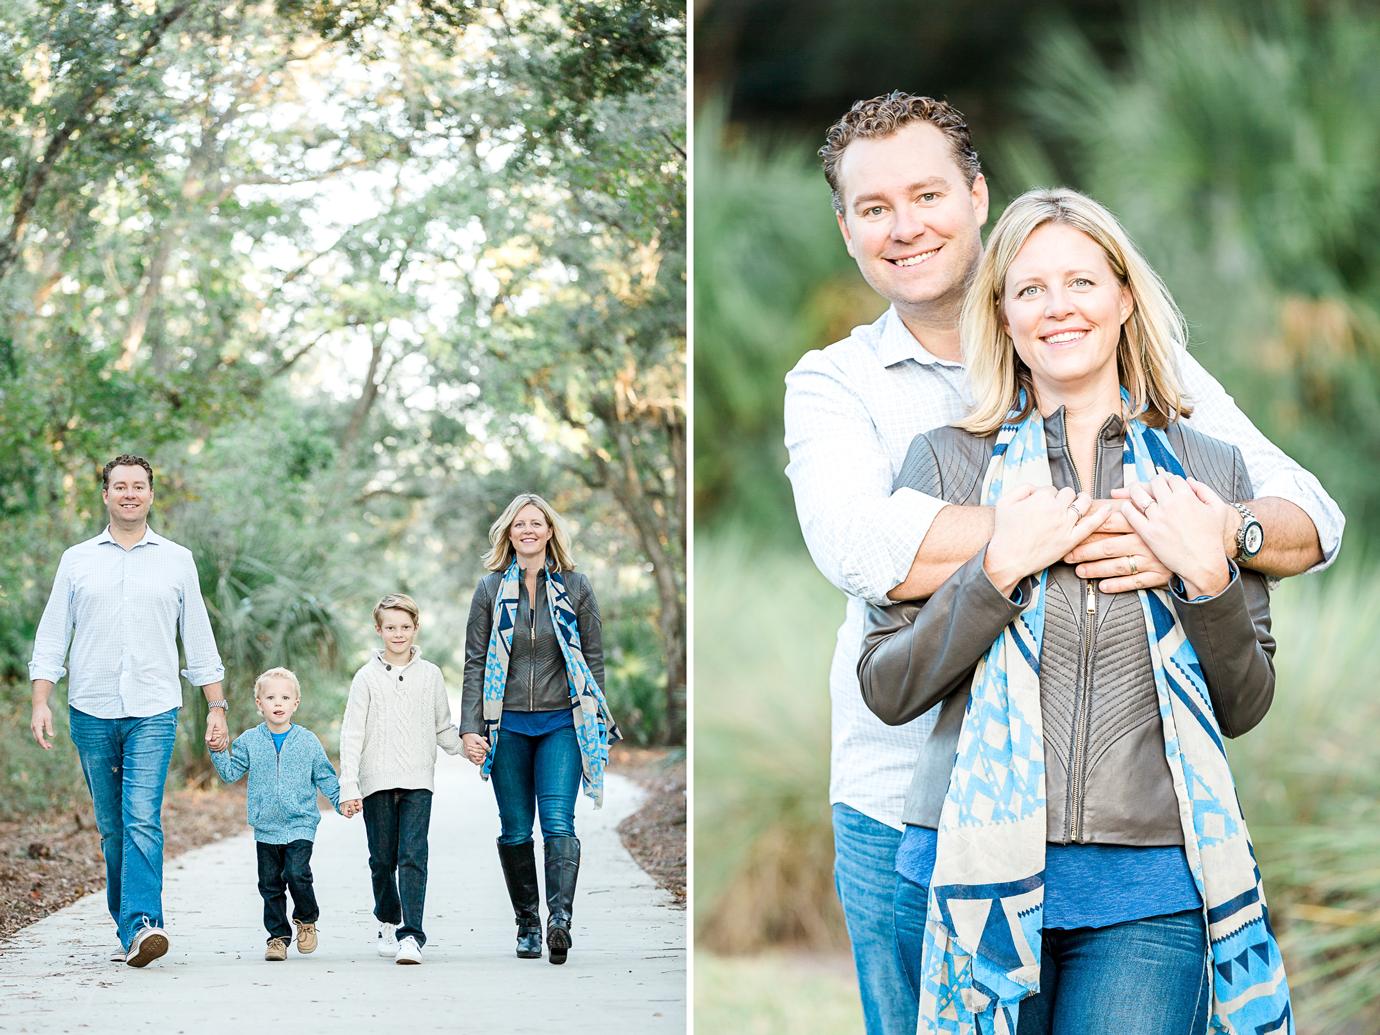 family photos taken in ponte vedra fl